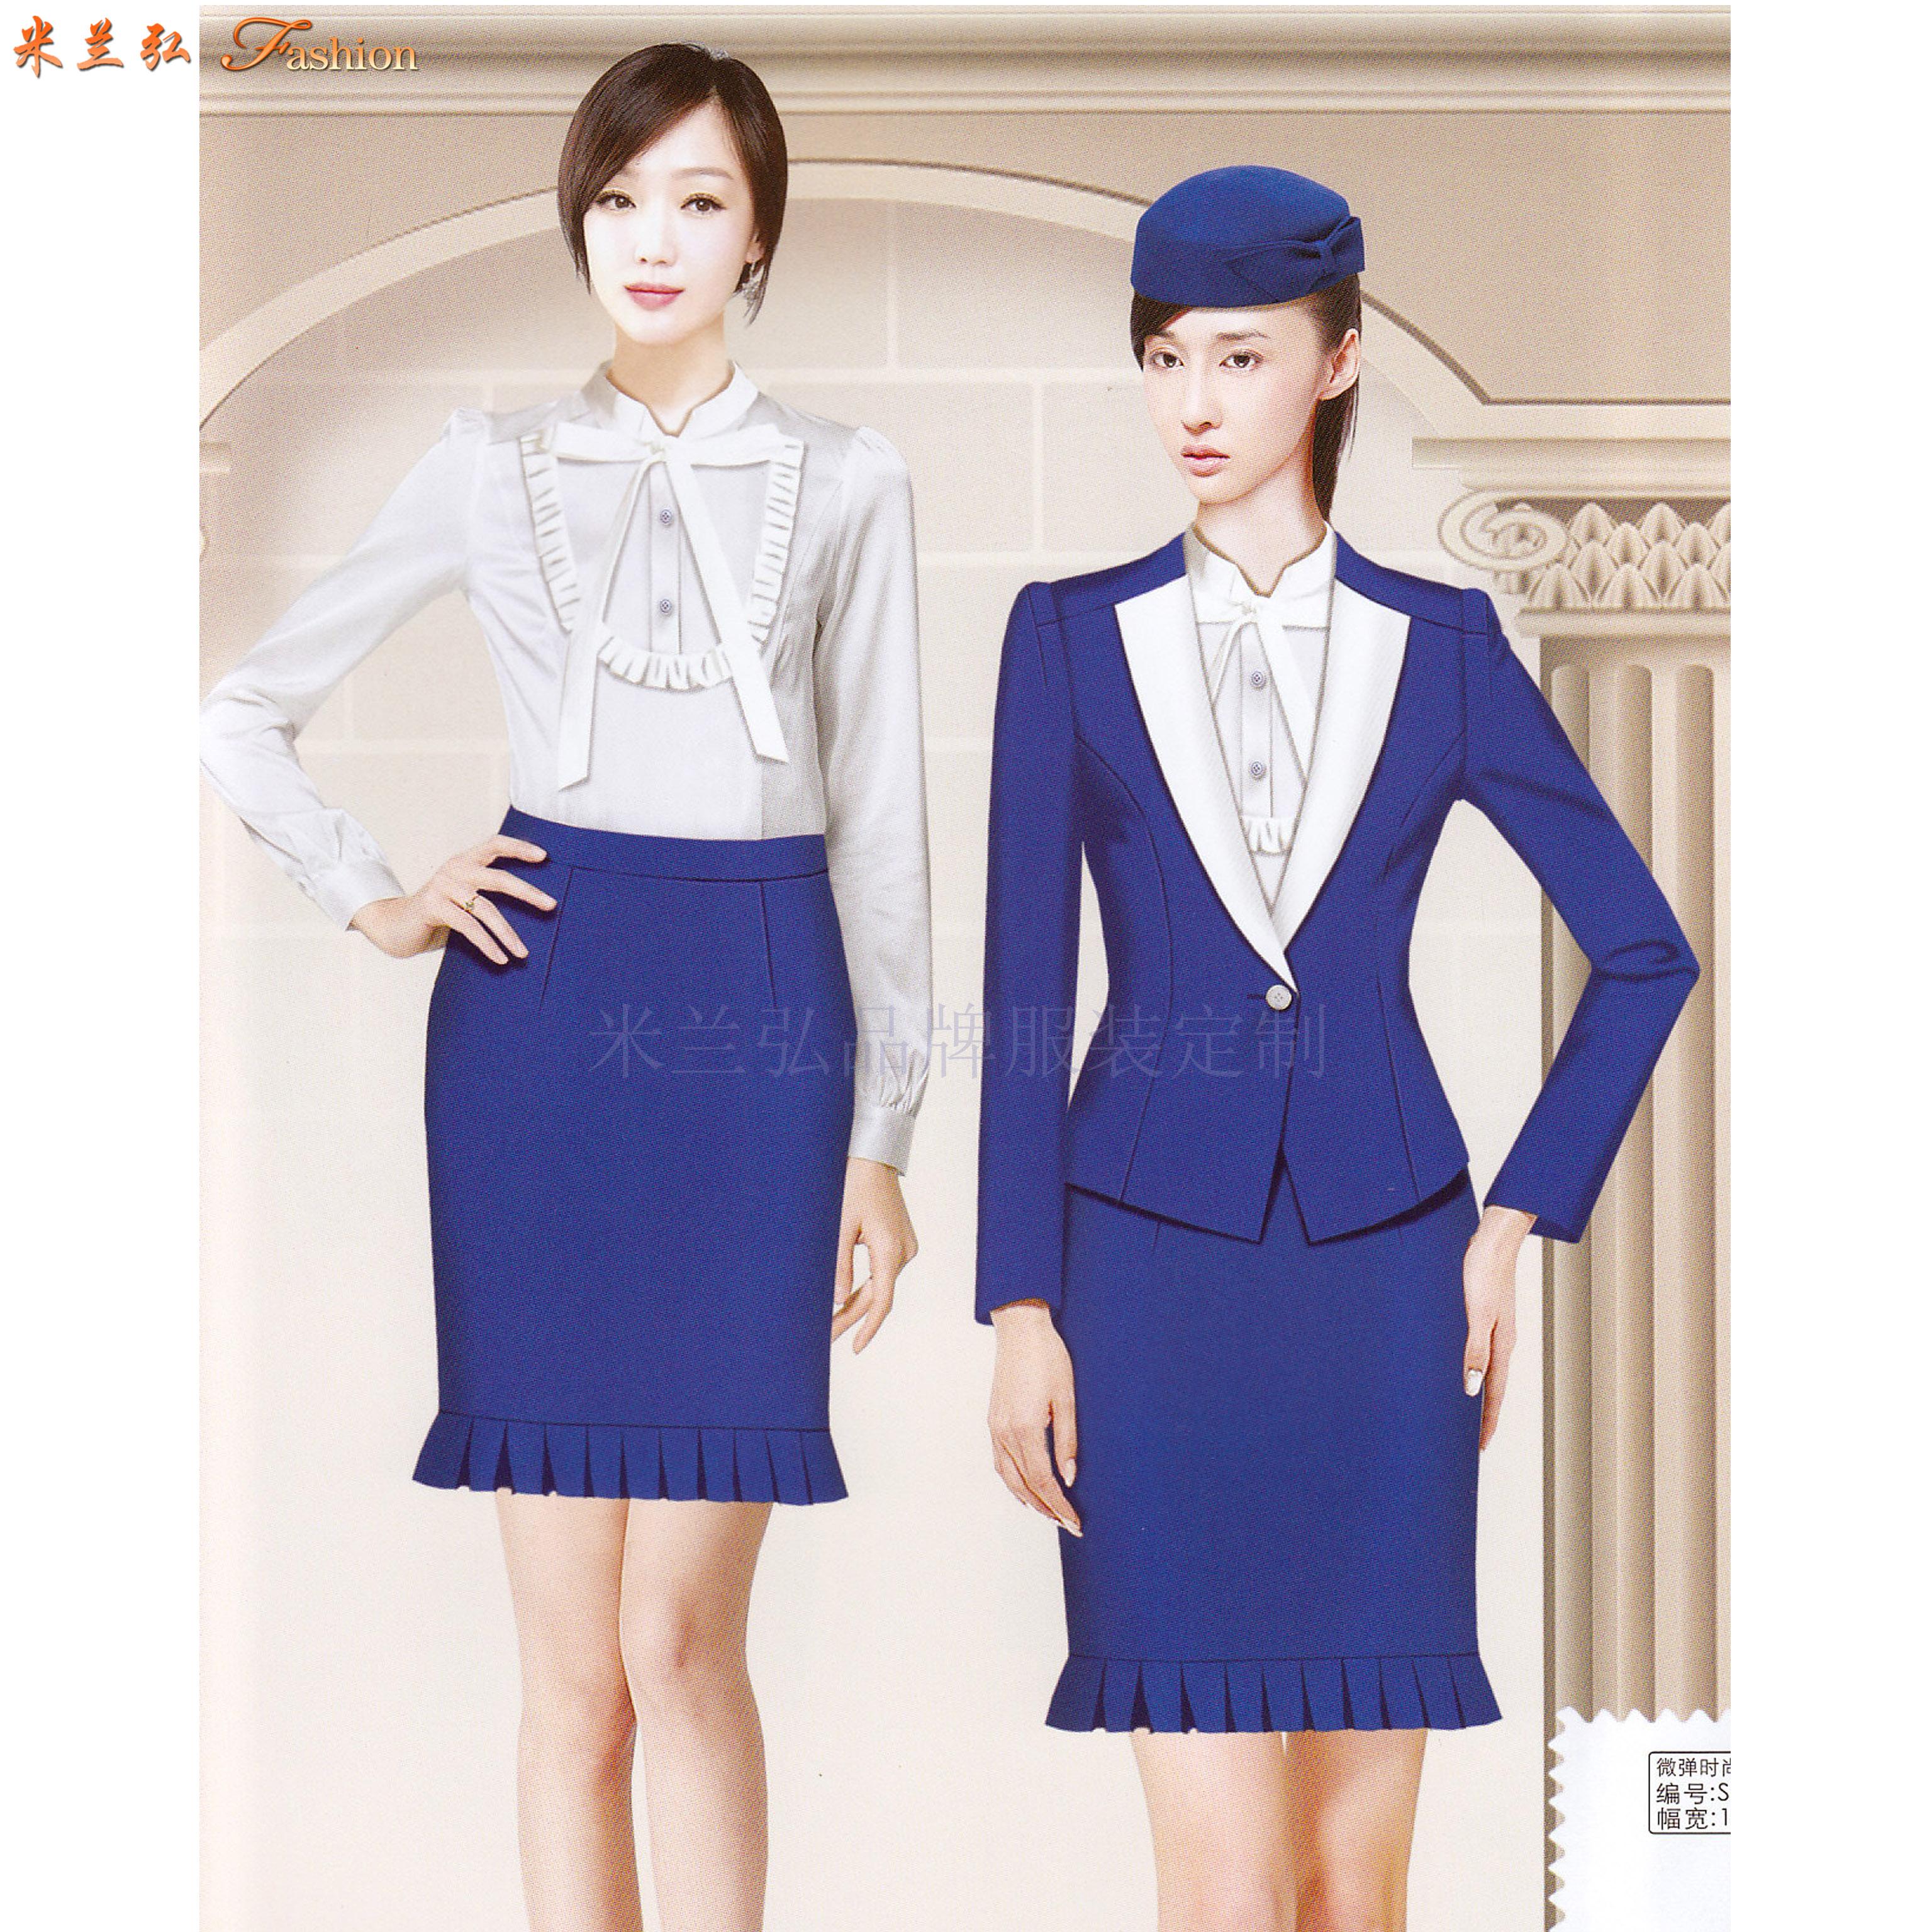 「德州空姐服定製」「德州空乘服訂做」推薦式樣時髦永利注册网站服裝-5